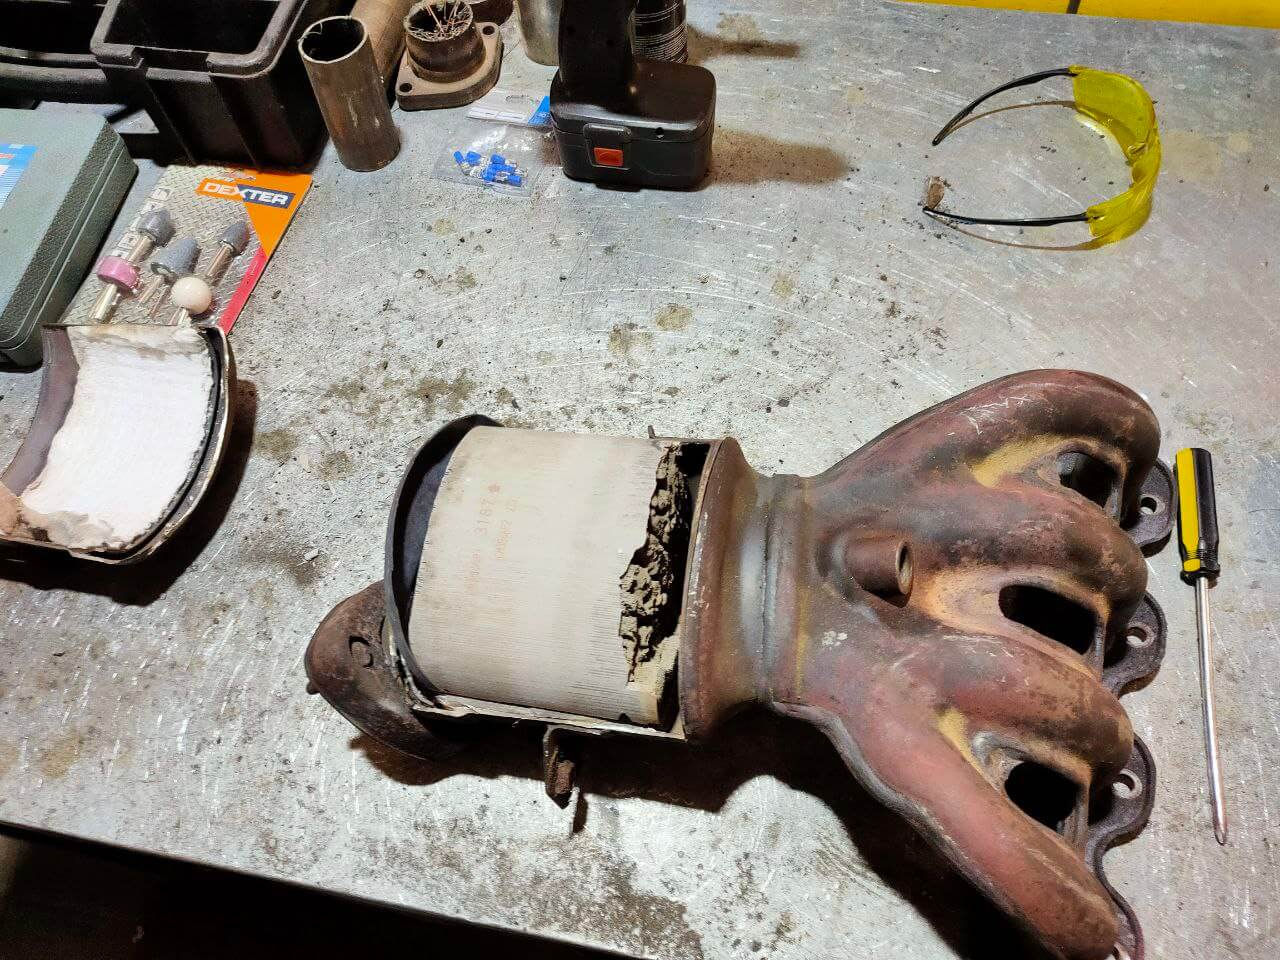 Признаки забитого катализатора выхлопных газов и его дальнейшая продажа